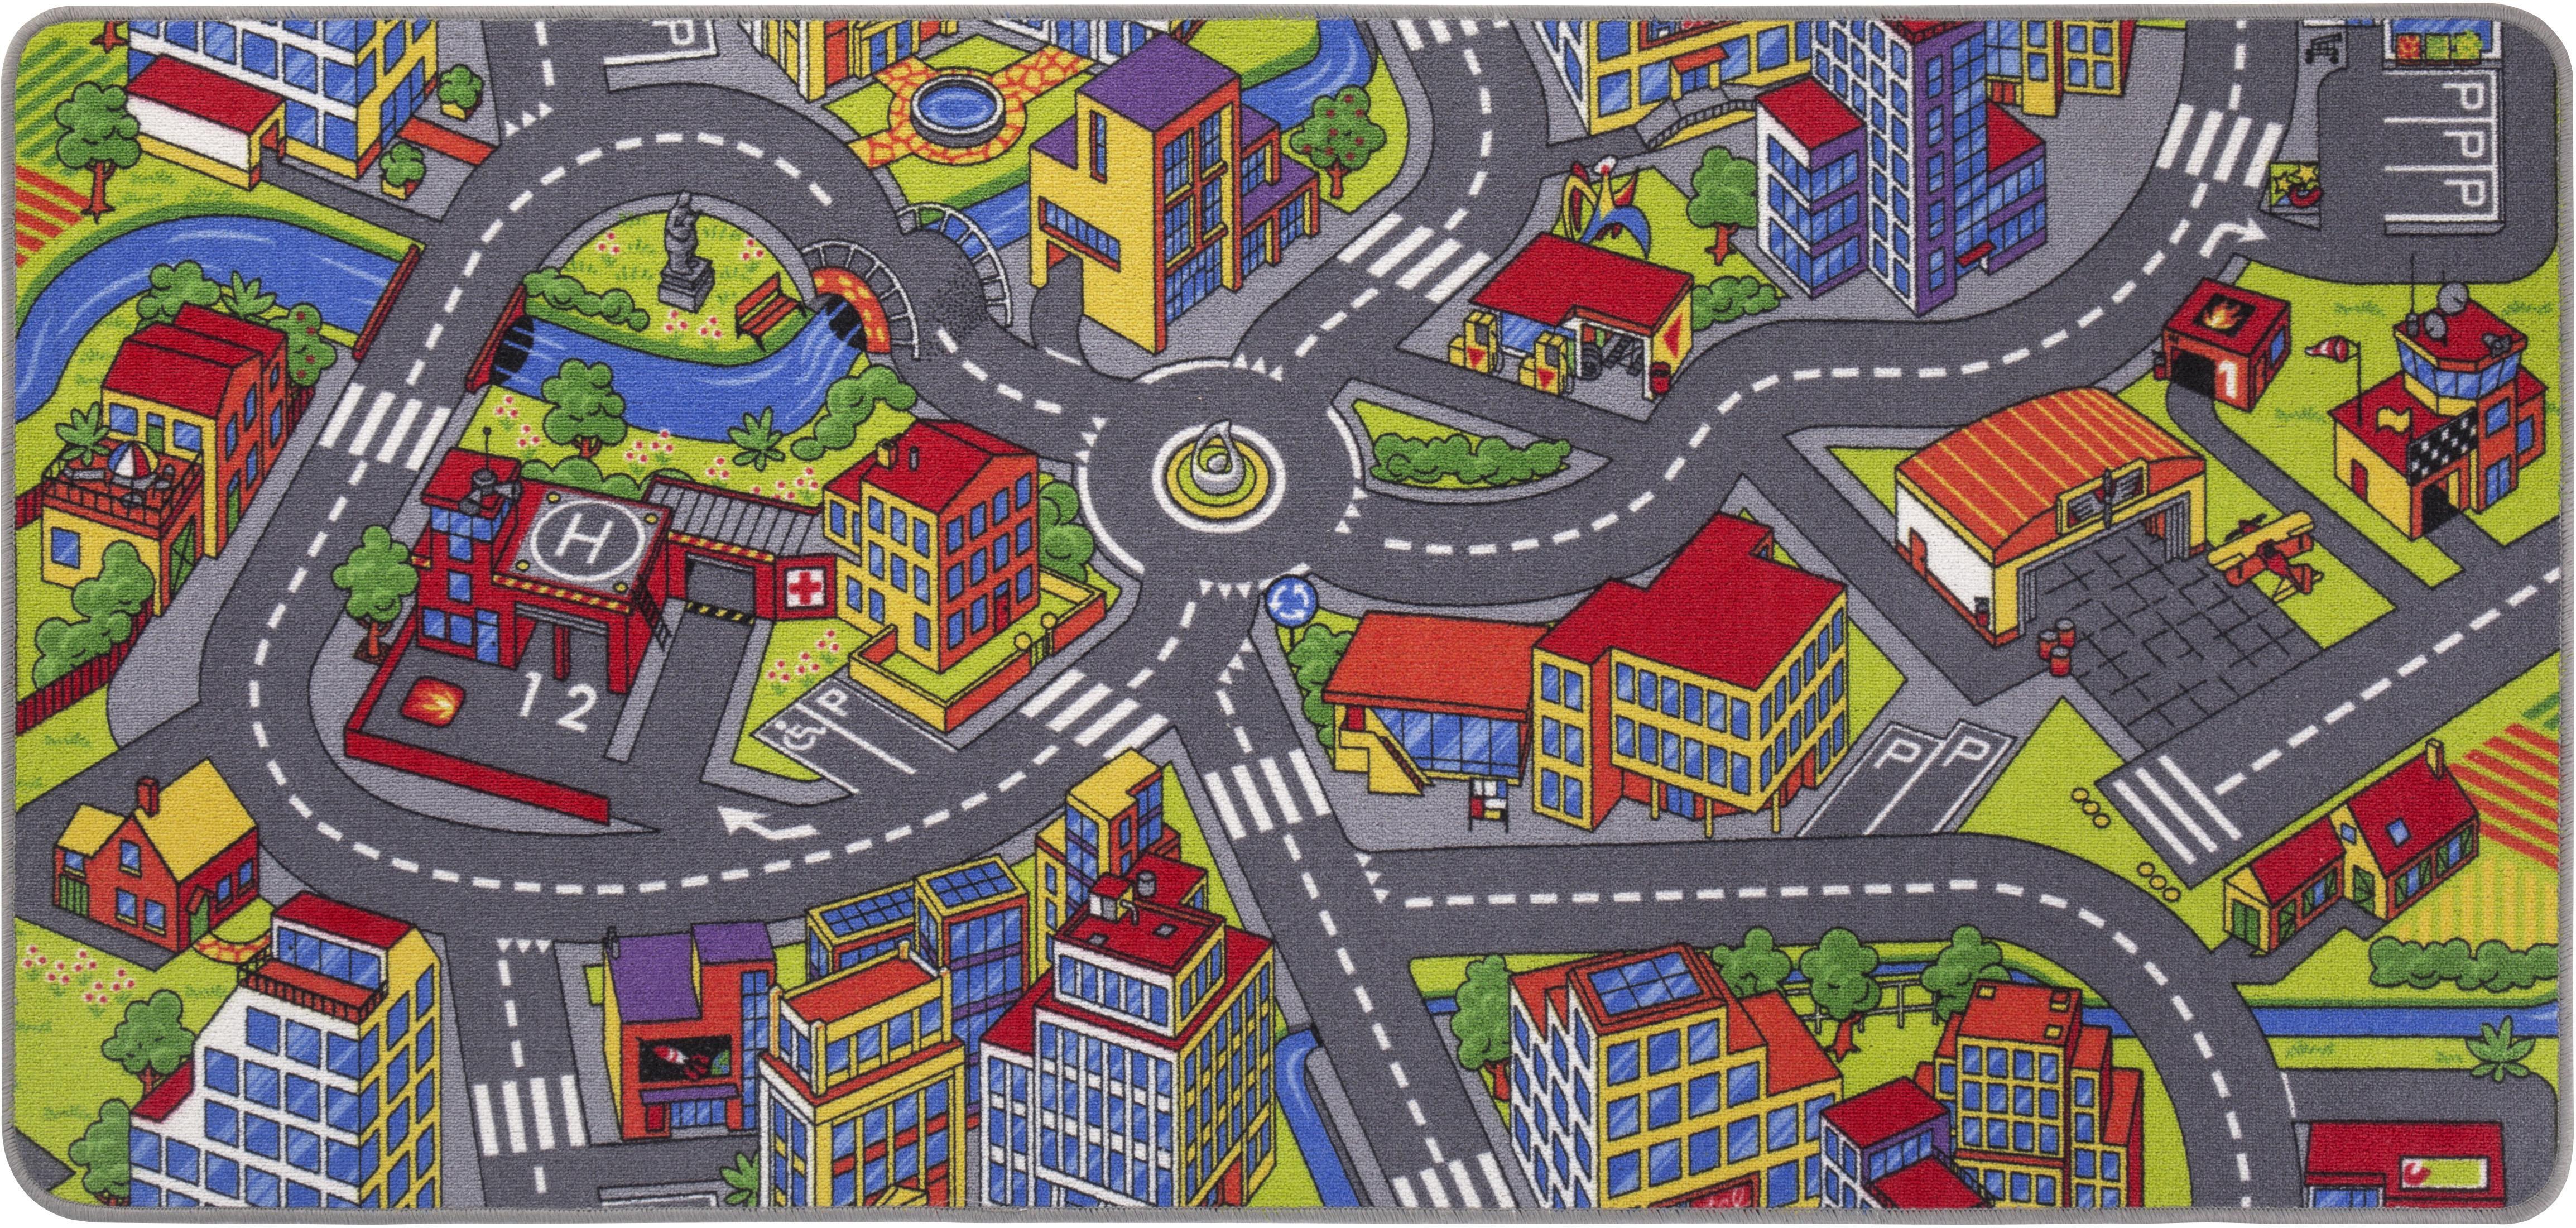 Kinderteppich, Straße, Andiamo, rechteckig, Höhe 5 mm, maschinell getuftet bunt Kinder Bunte Kinderteppiche Teppiche